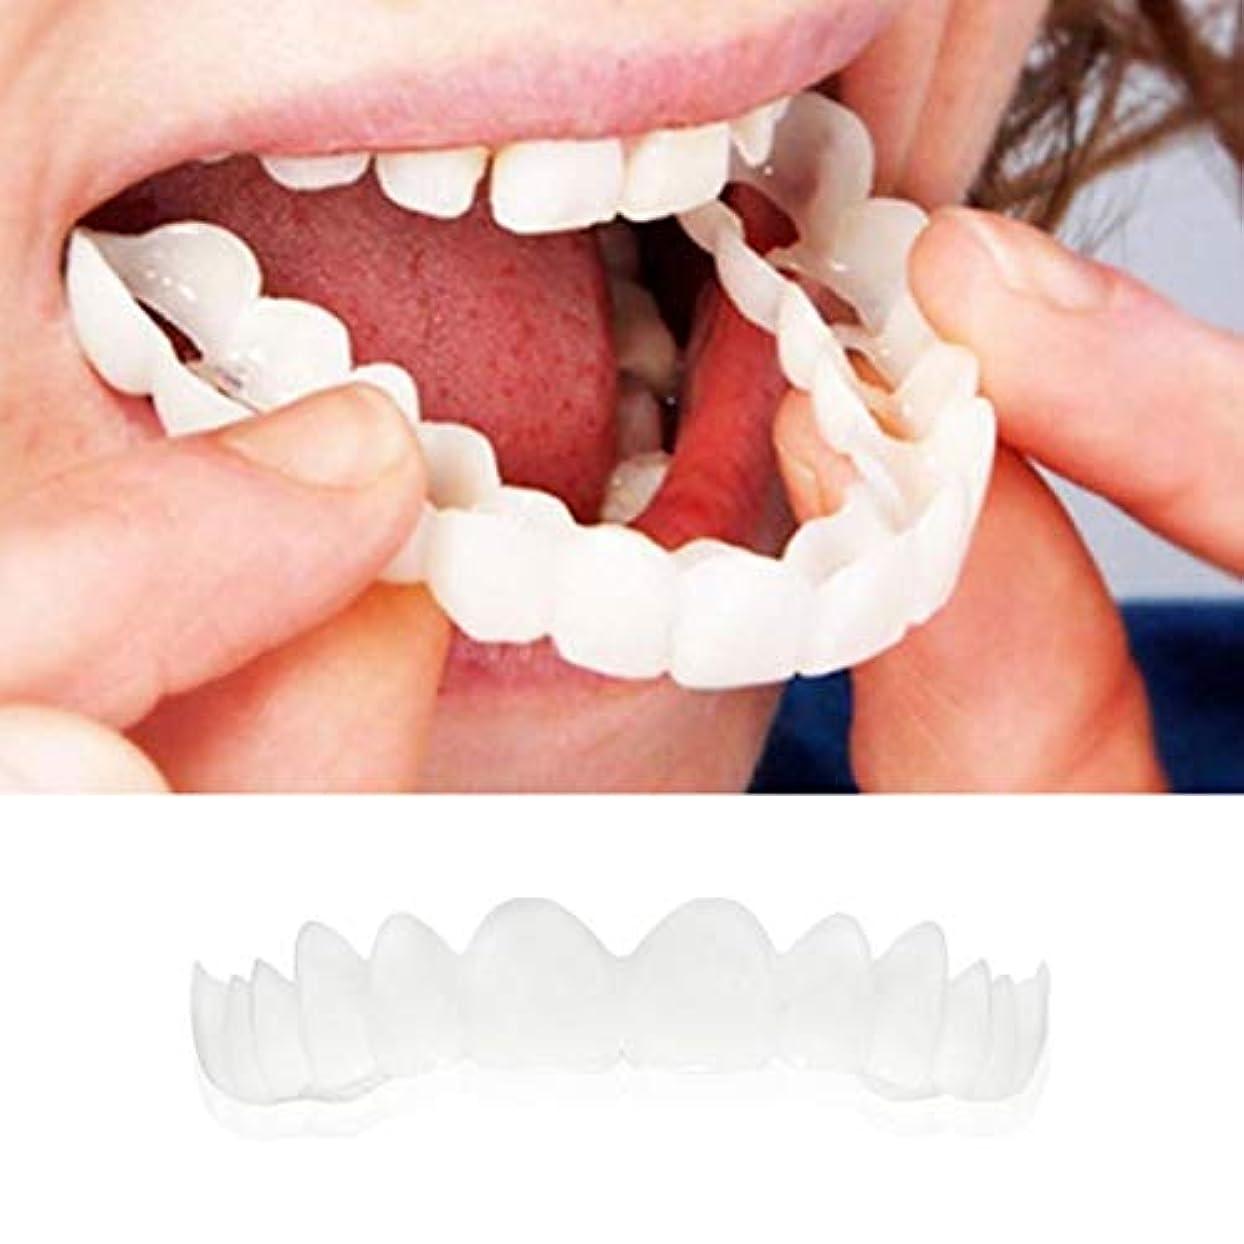 追放する困った二週間上段 ホワイト義歯 快適な 義歯ケア 模造 義歯